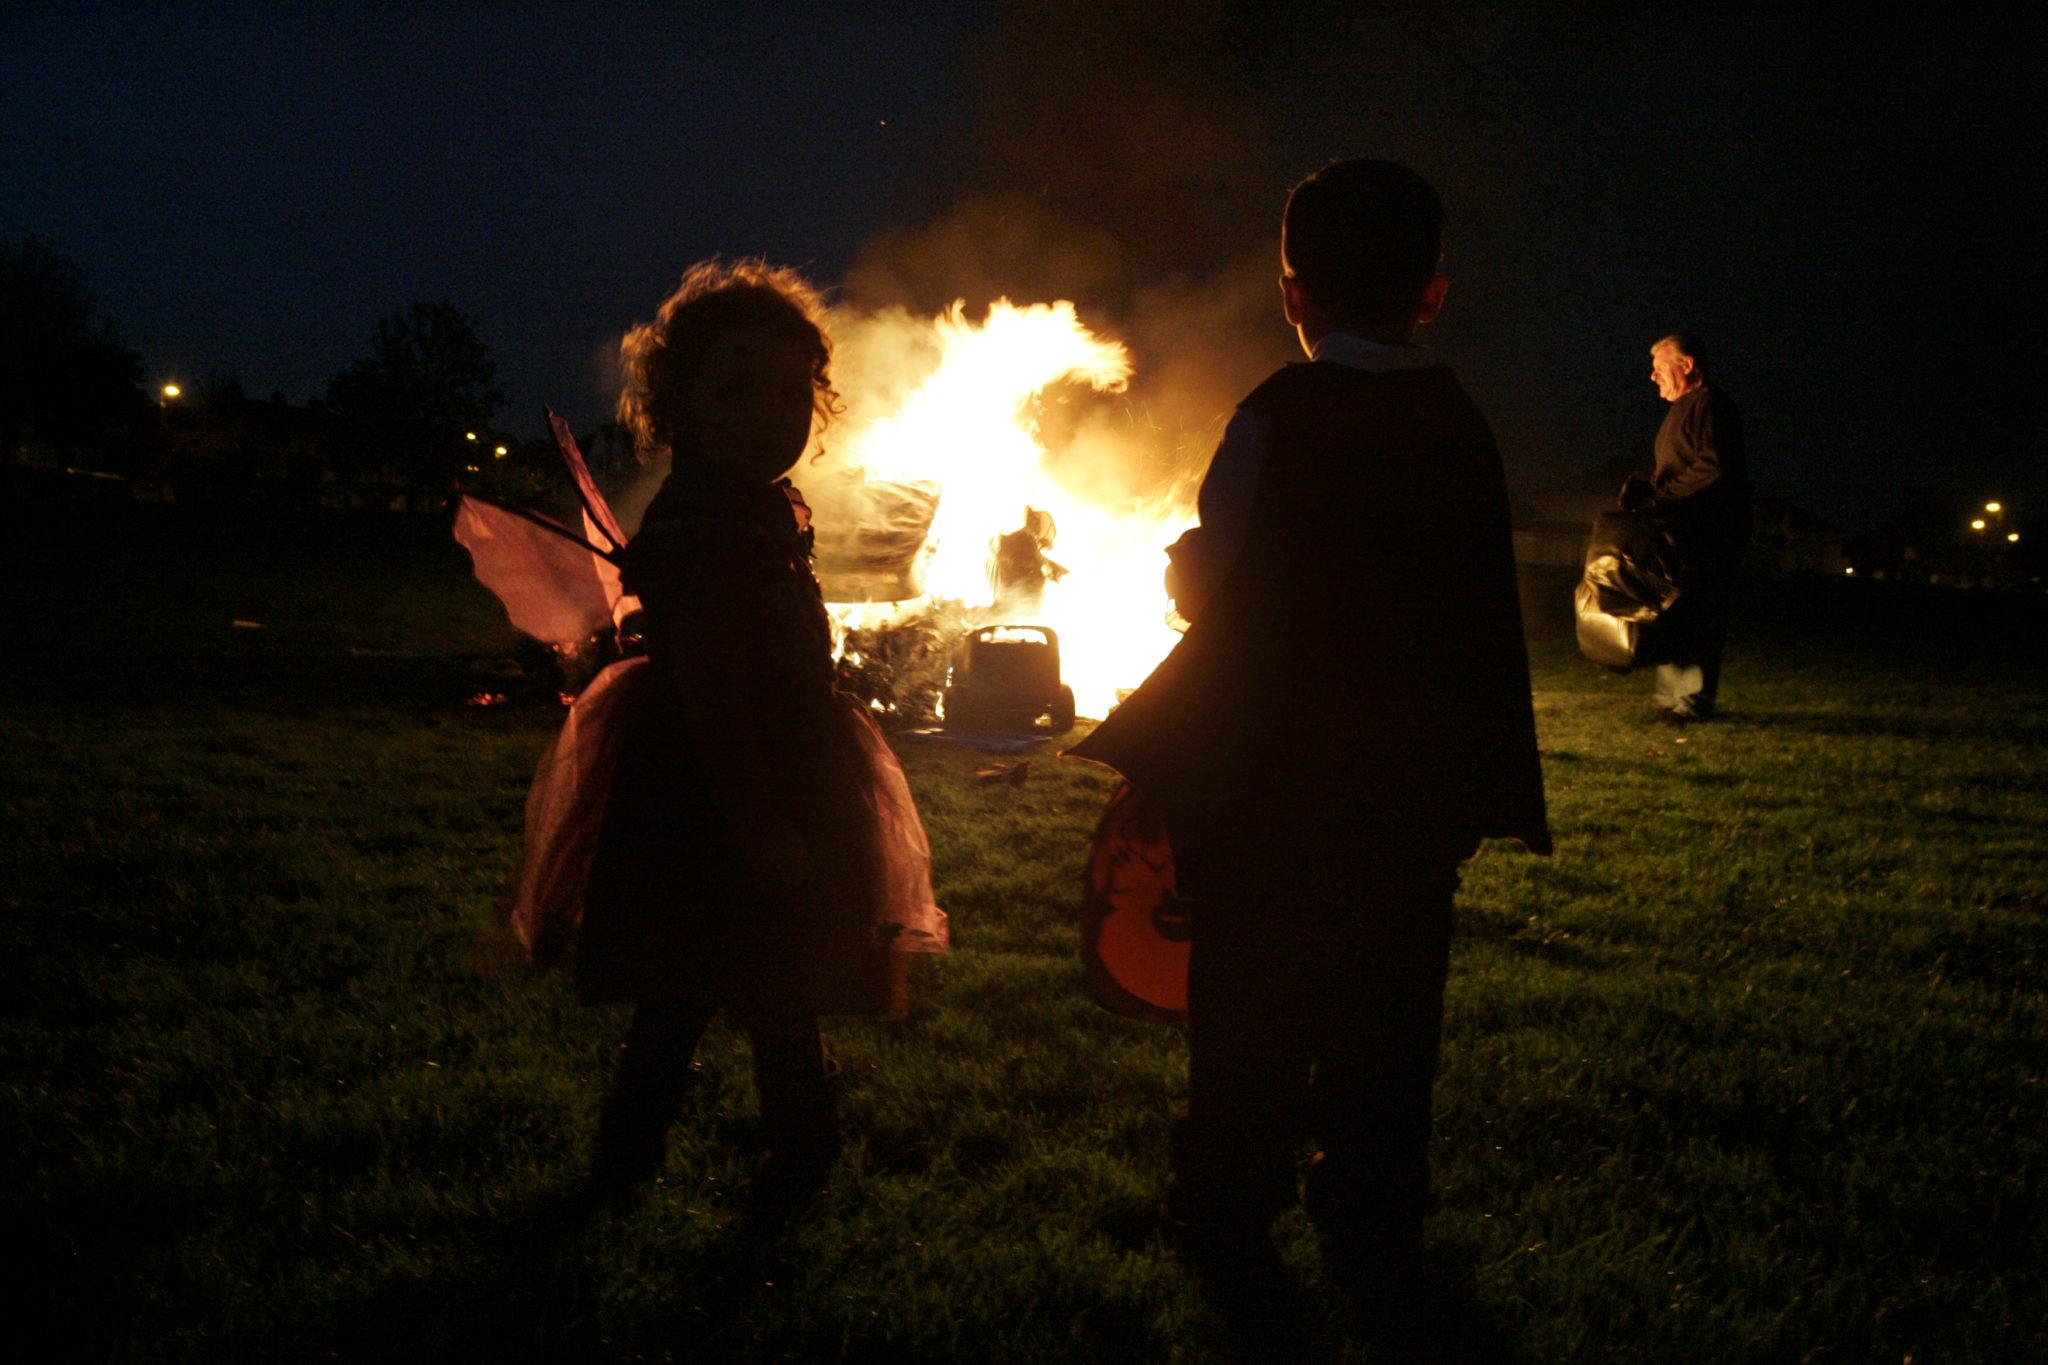 A Halloween bonfire in the Crumlin area of Dublin